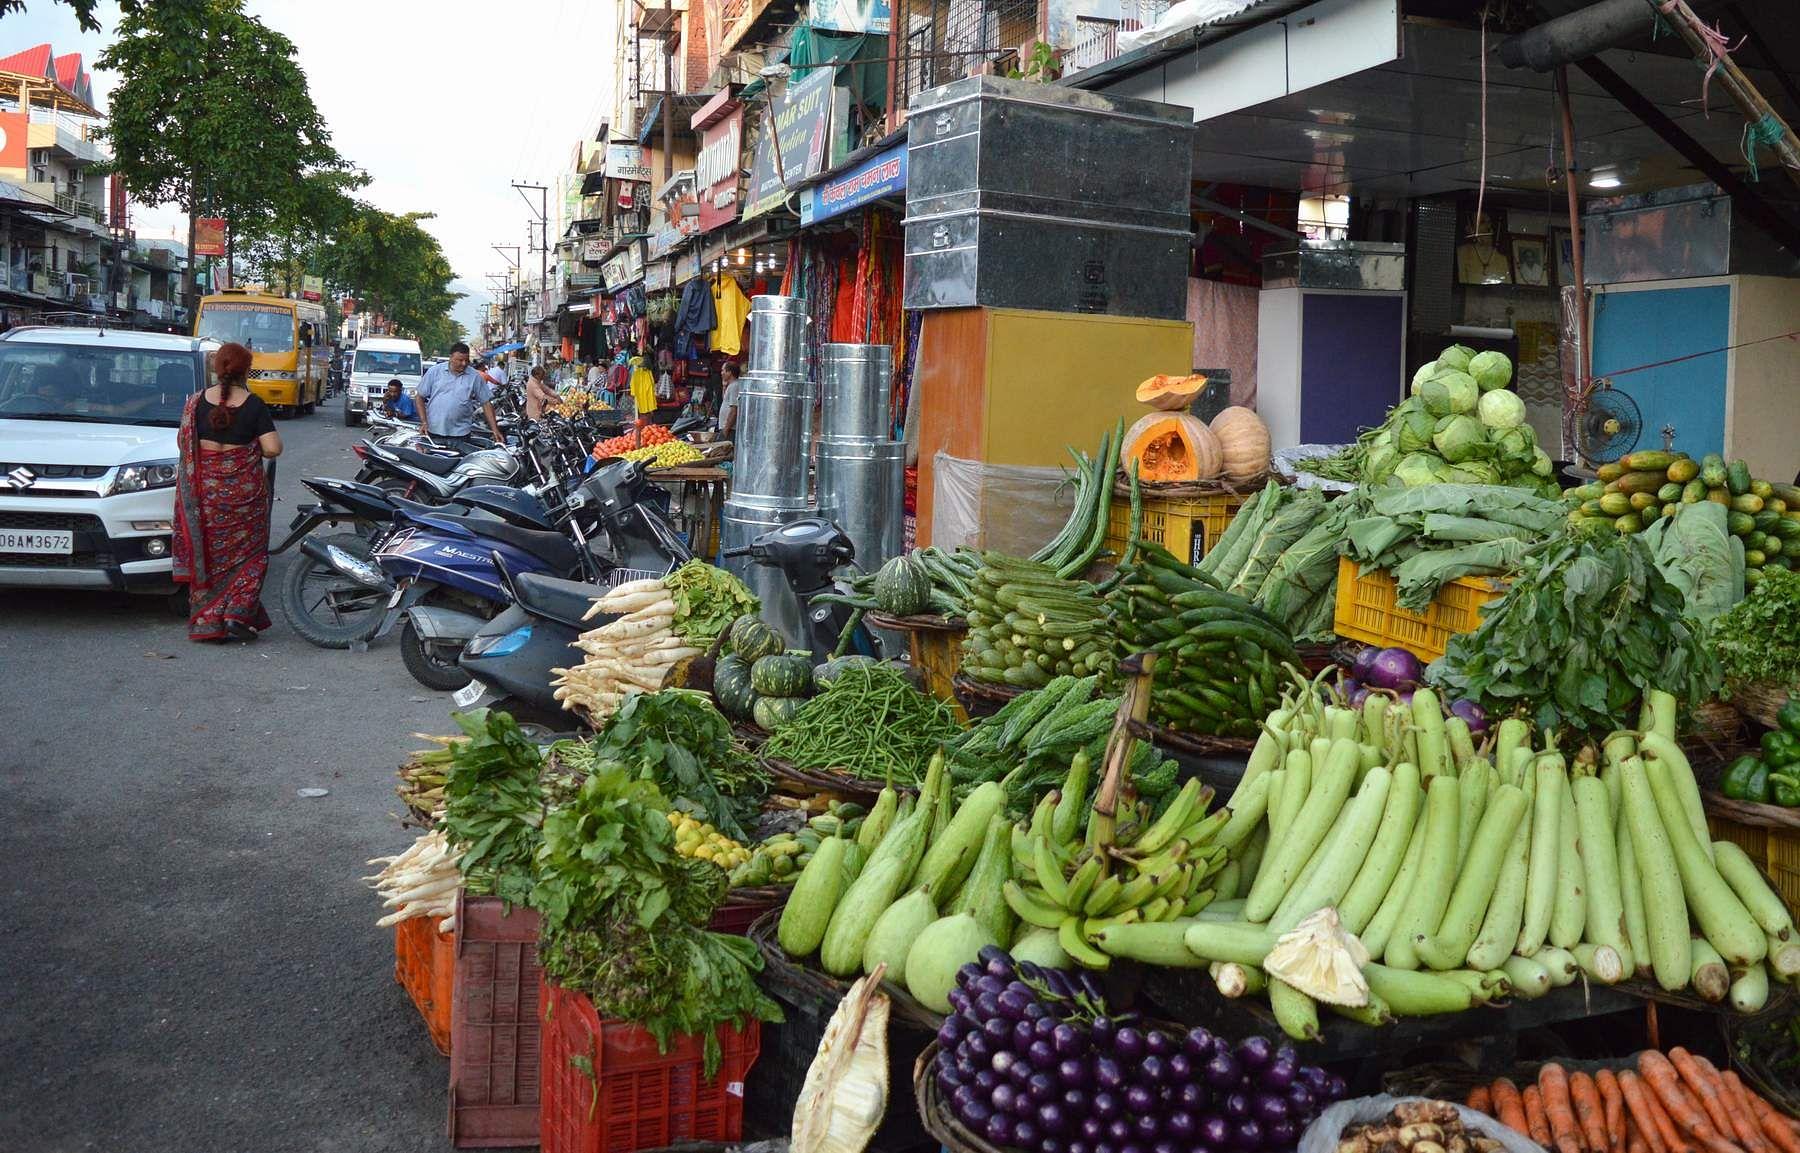 विकासनगर मुख्य बाजार में फुटपाथ पर किया गया अतिक्रमण।